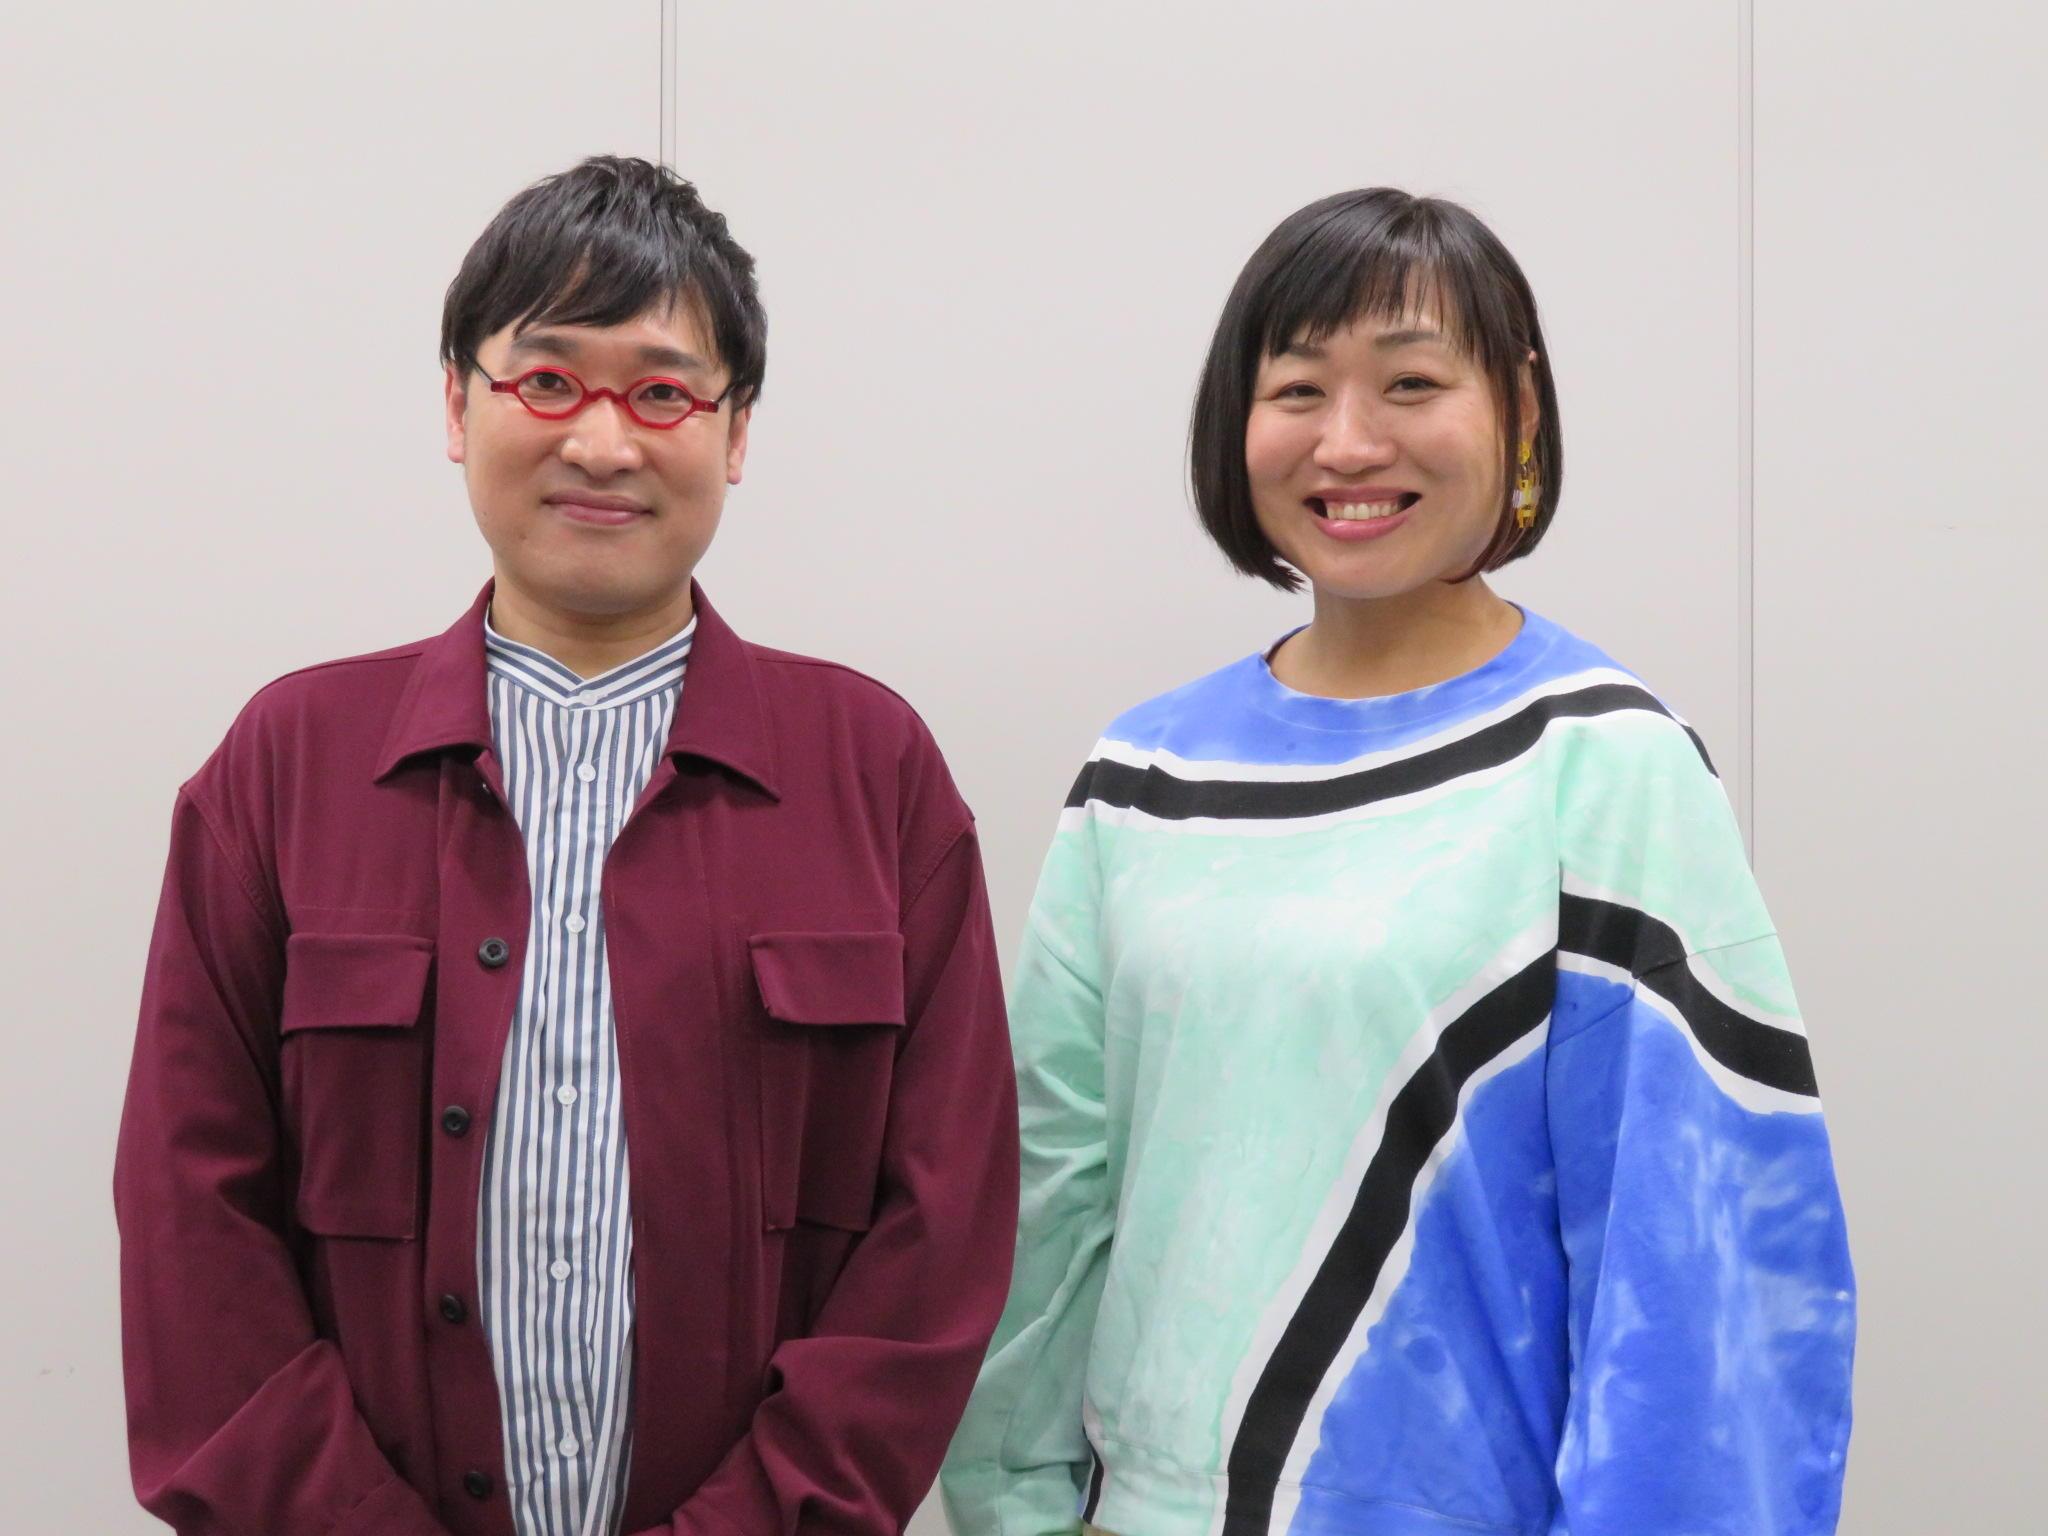 http://news.yoshimoto.co.jp/20180413194700-af944b916d8855e8fbcfb9a8ae5b4b63c51c4776.jpg